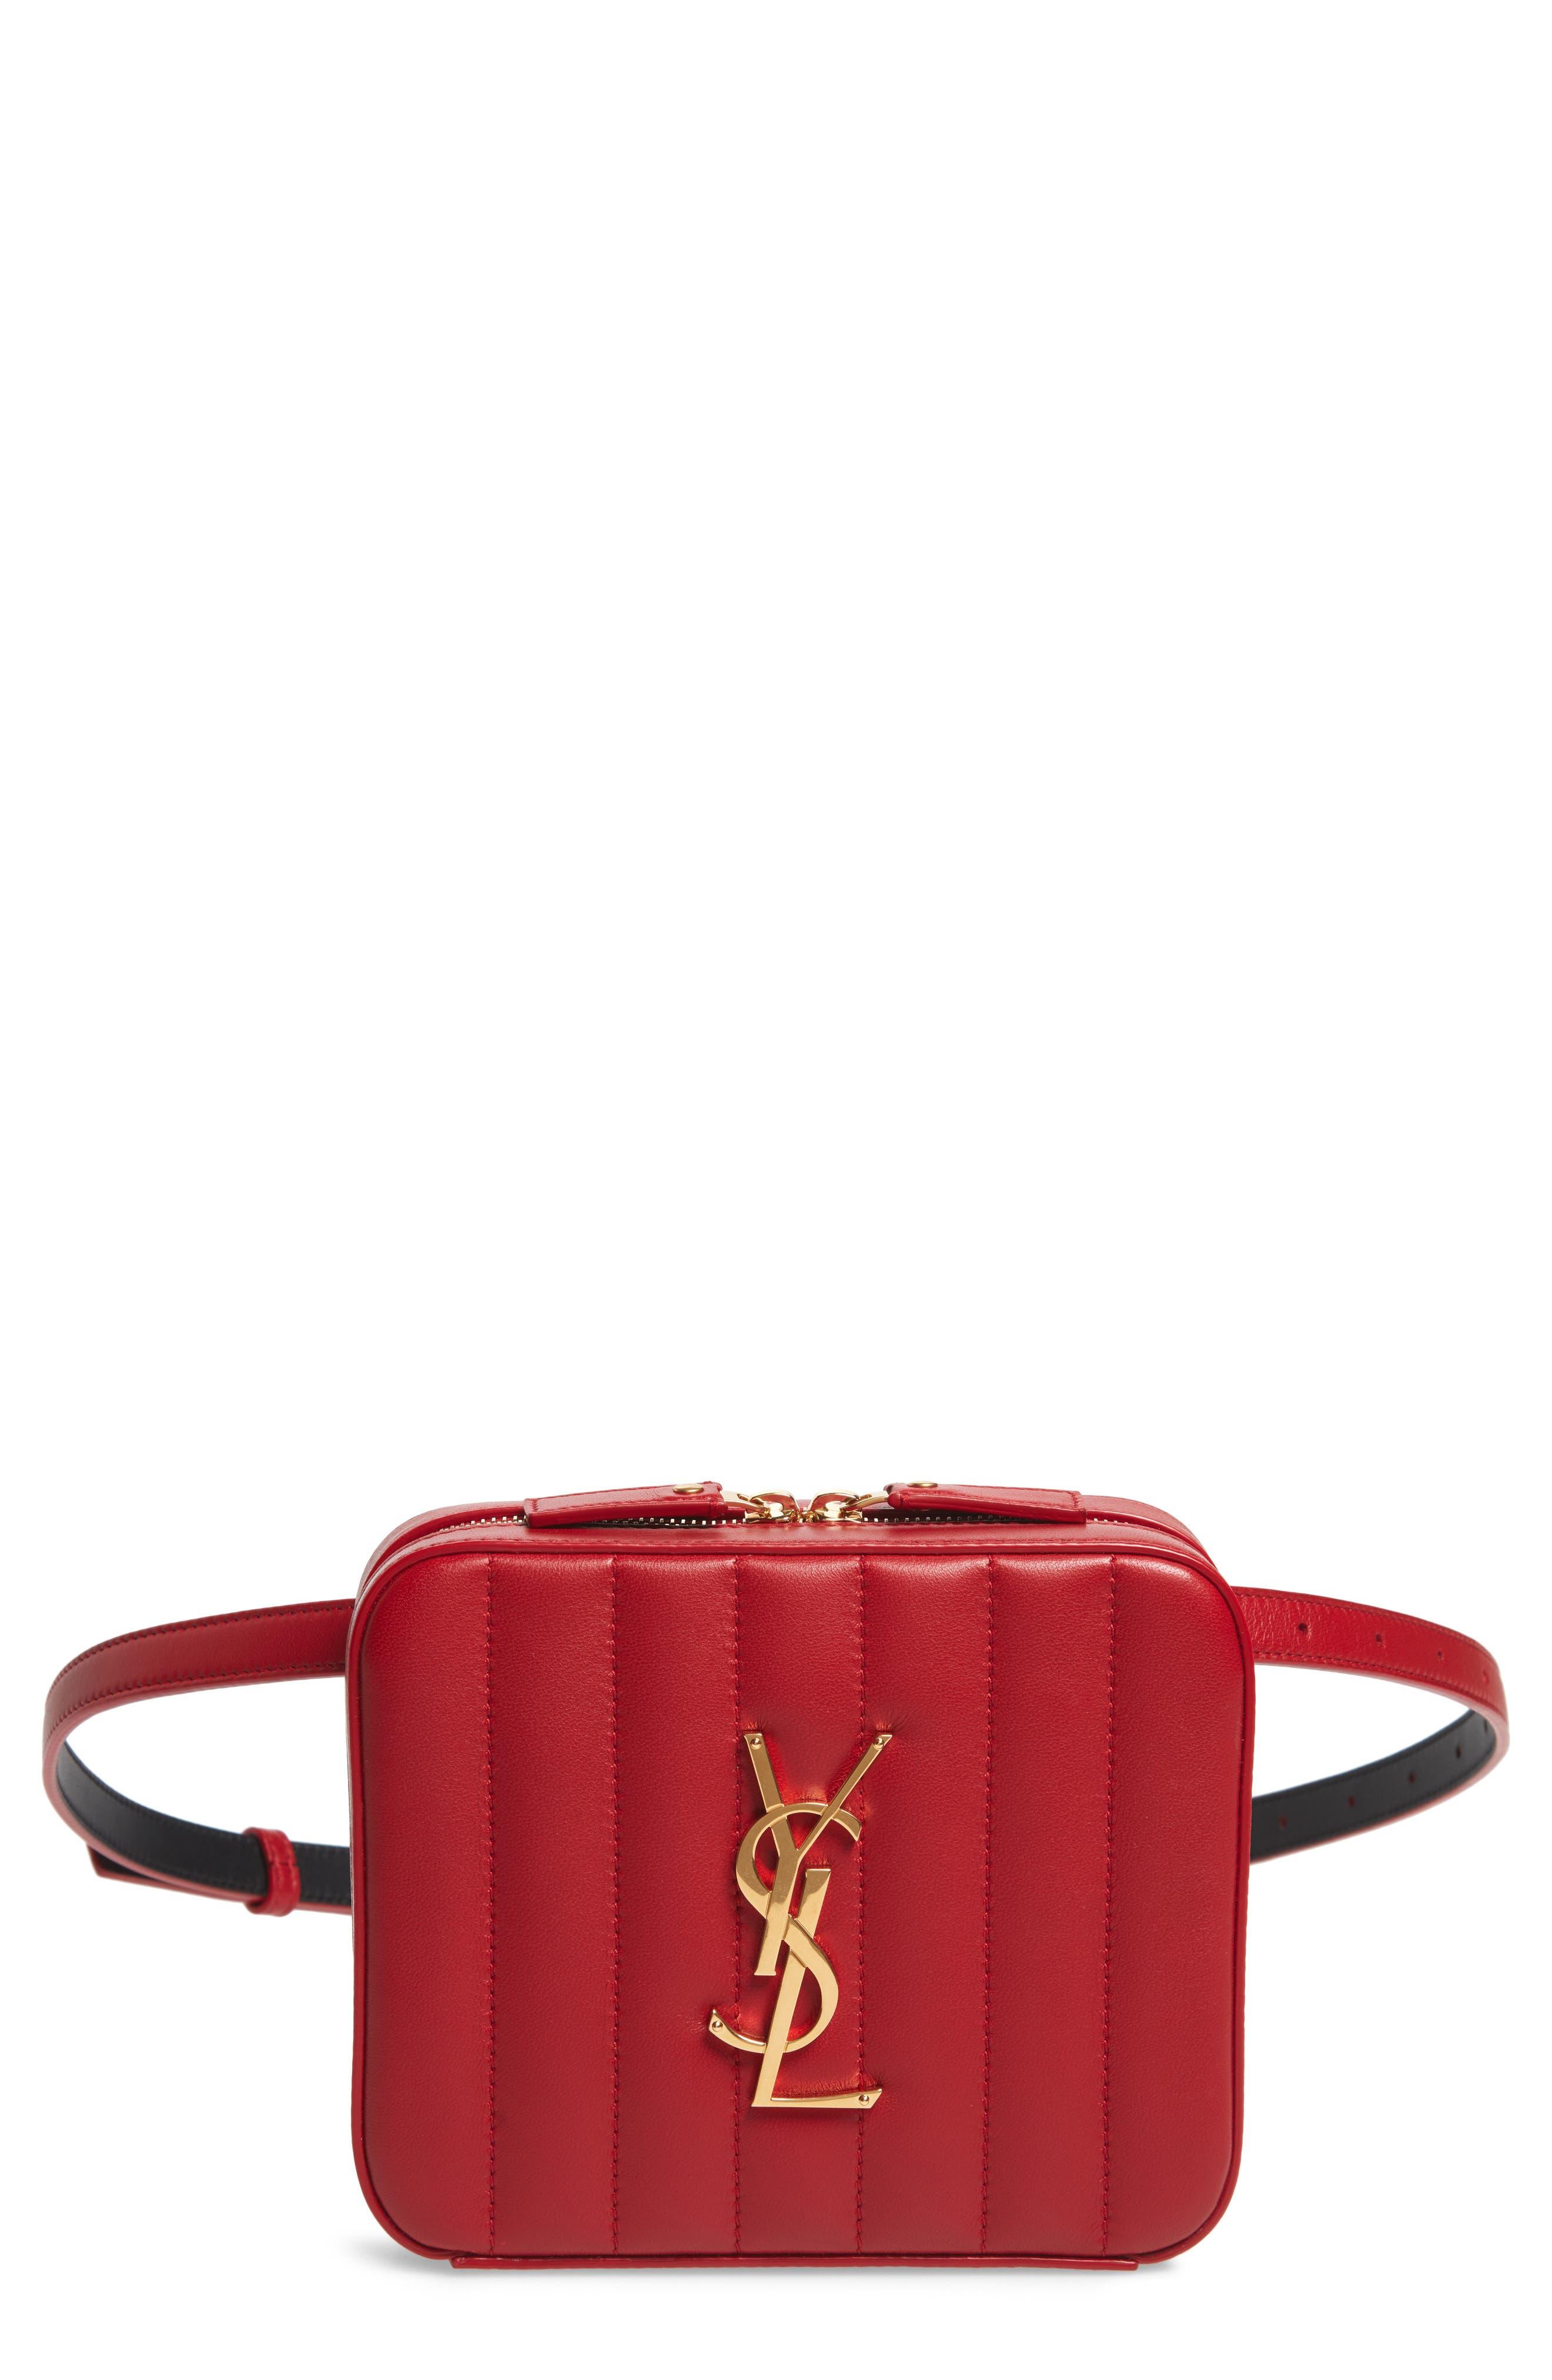 SAINT LAURENT, Vicky Lambskin Leather Belt Bag, Main thumbnail 1, color, ROUGE EROS